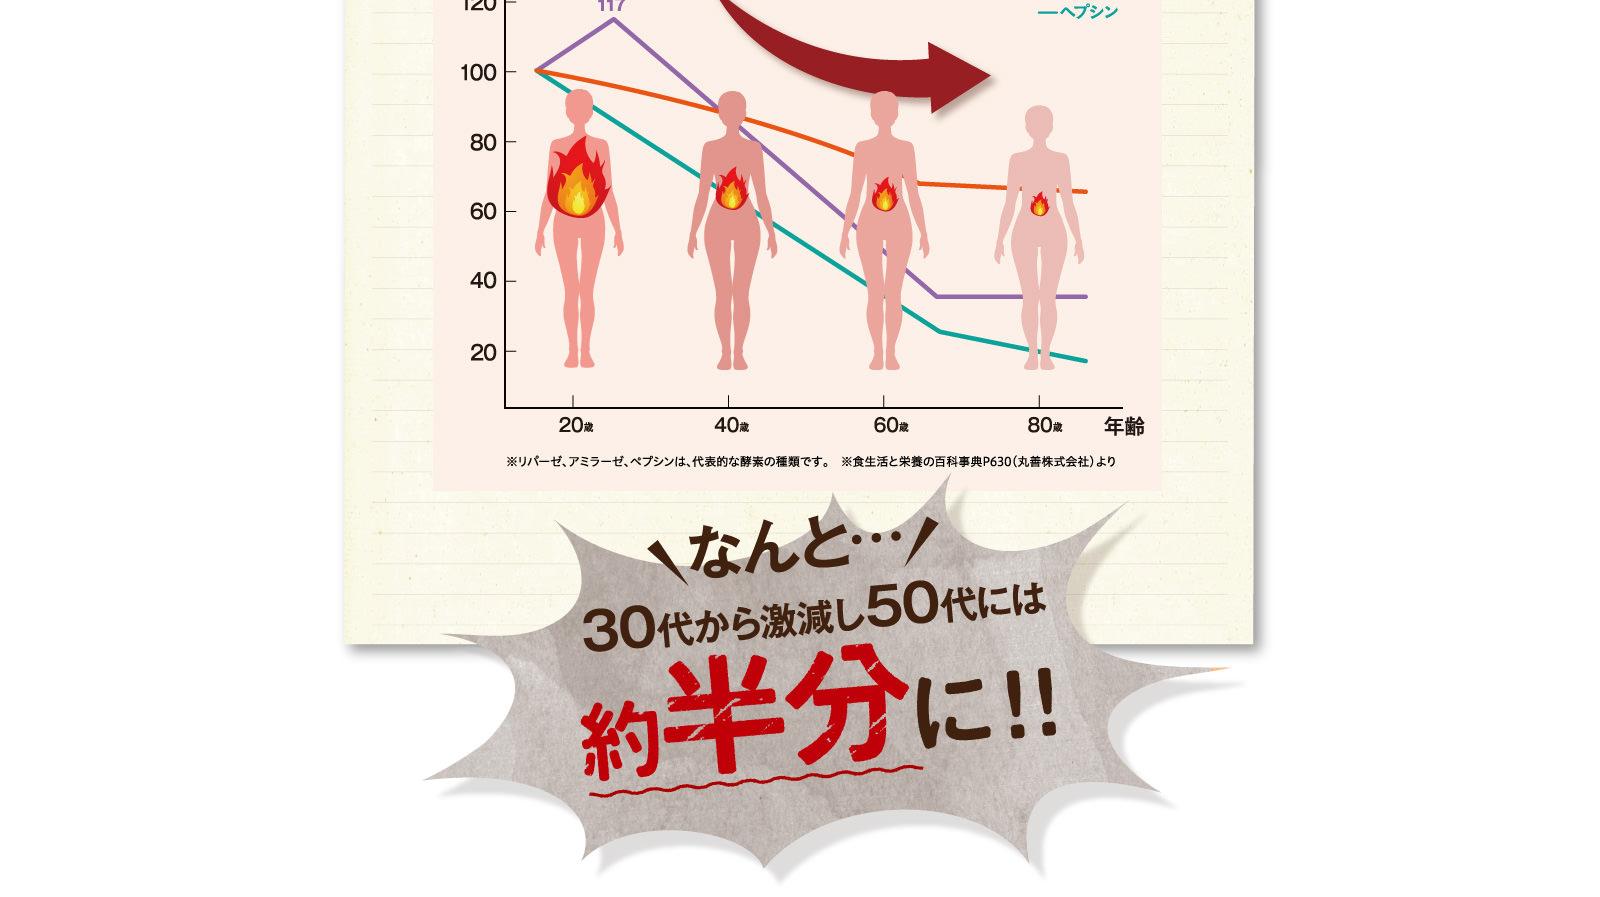 なんと…30代から激減し50代には約半分に!!